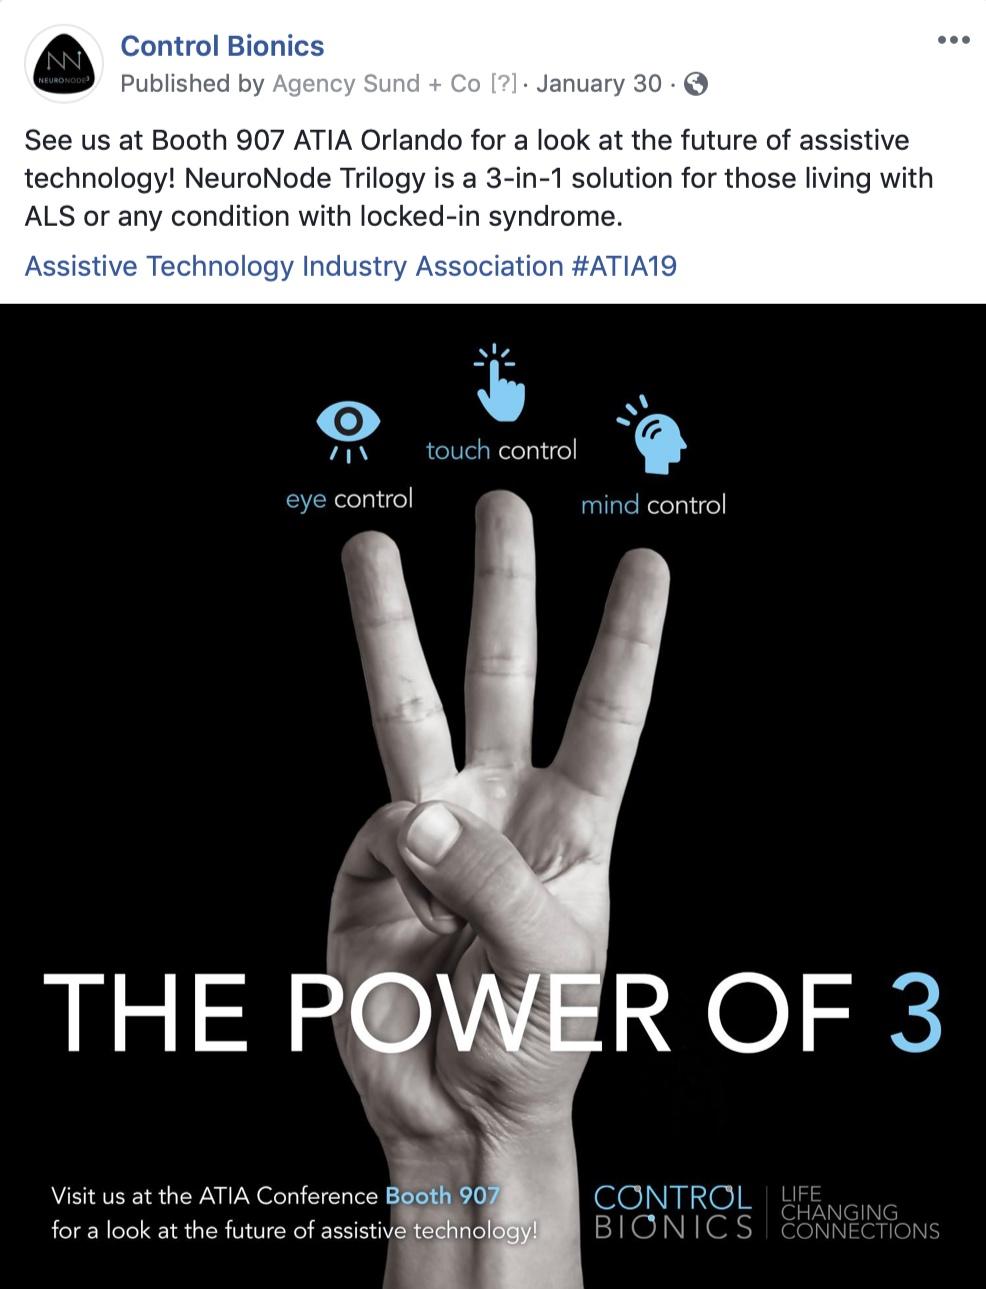 19 01 30 ATIA Power of 3.jpg